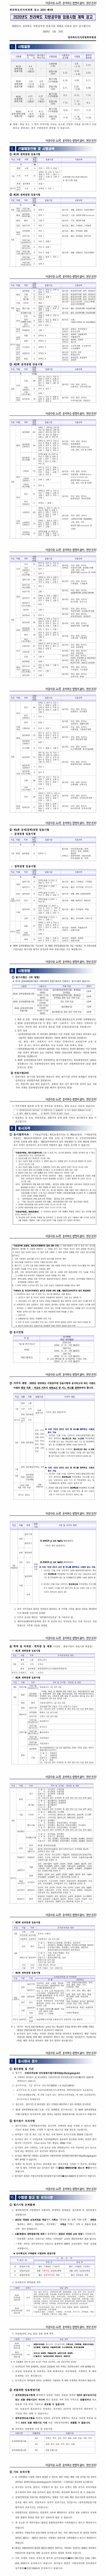 200225_전북_공고.jpg